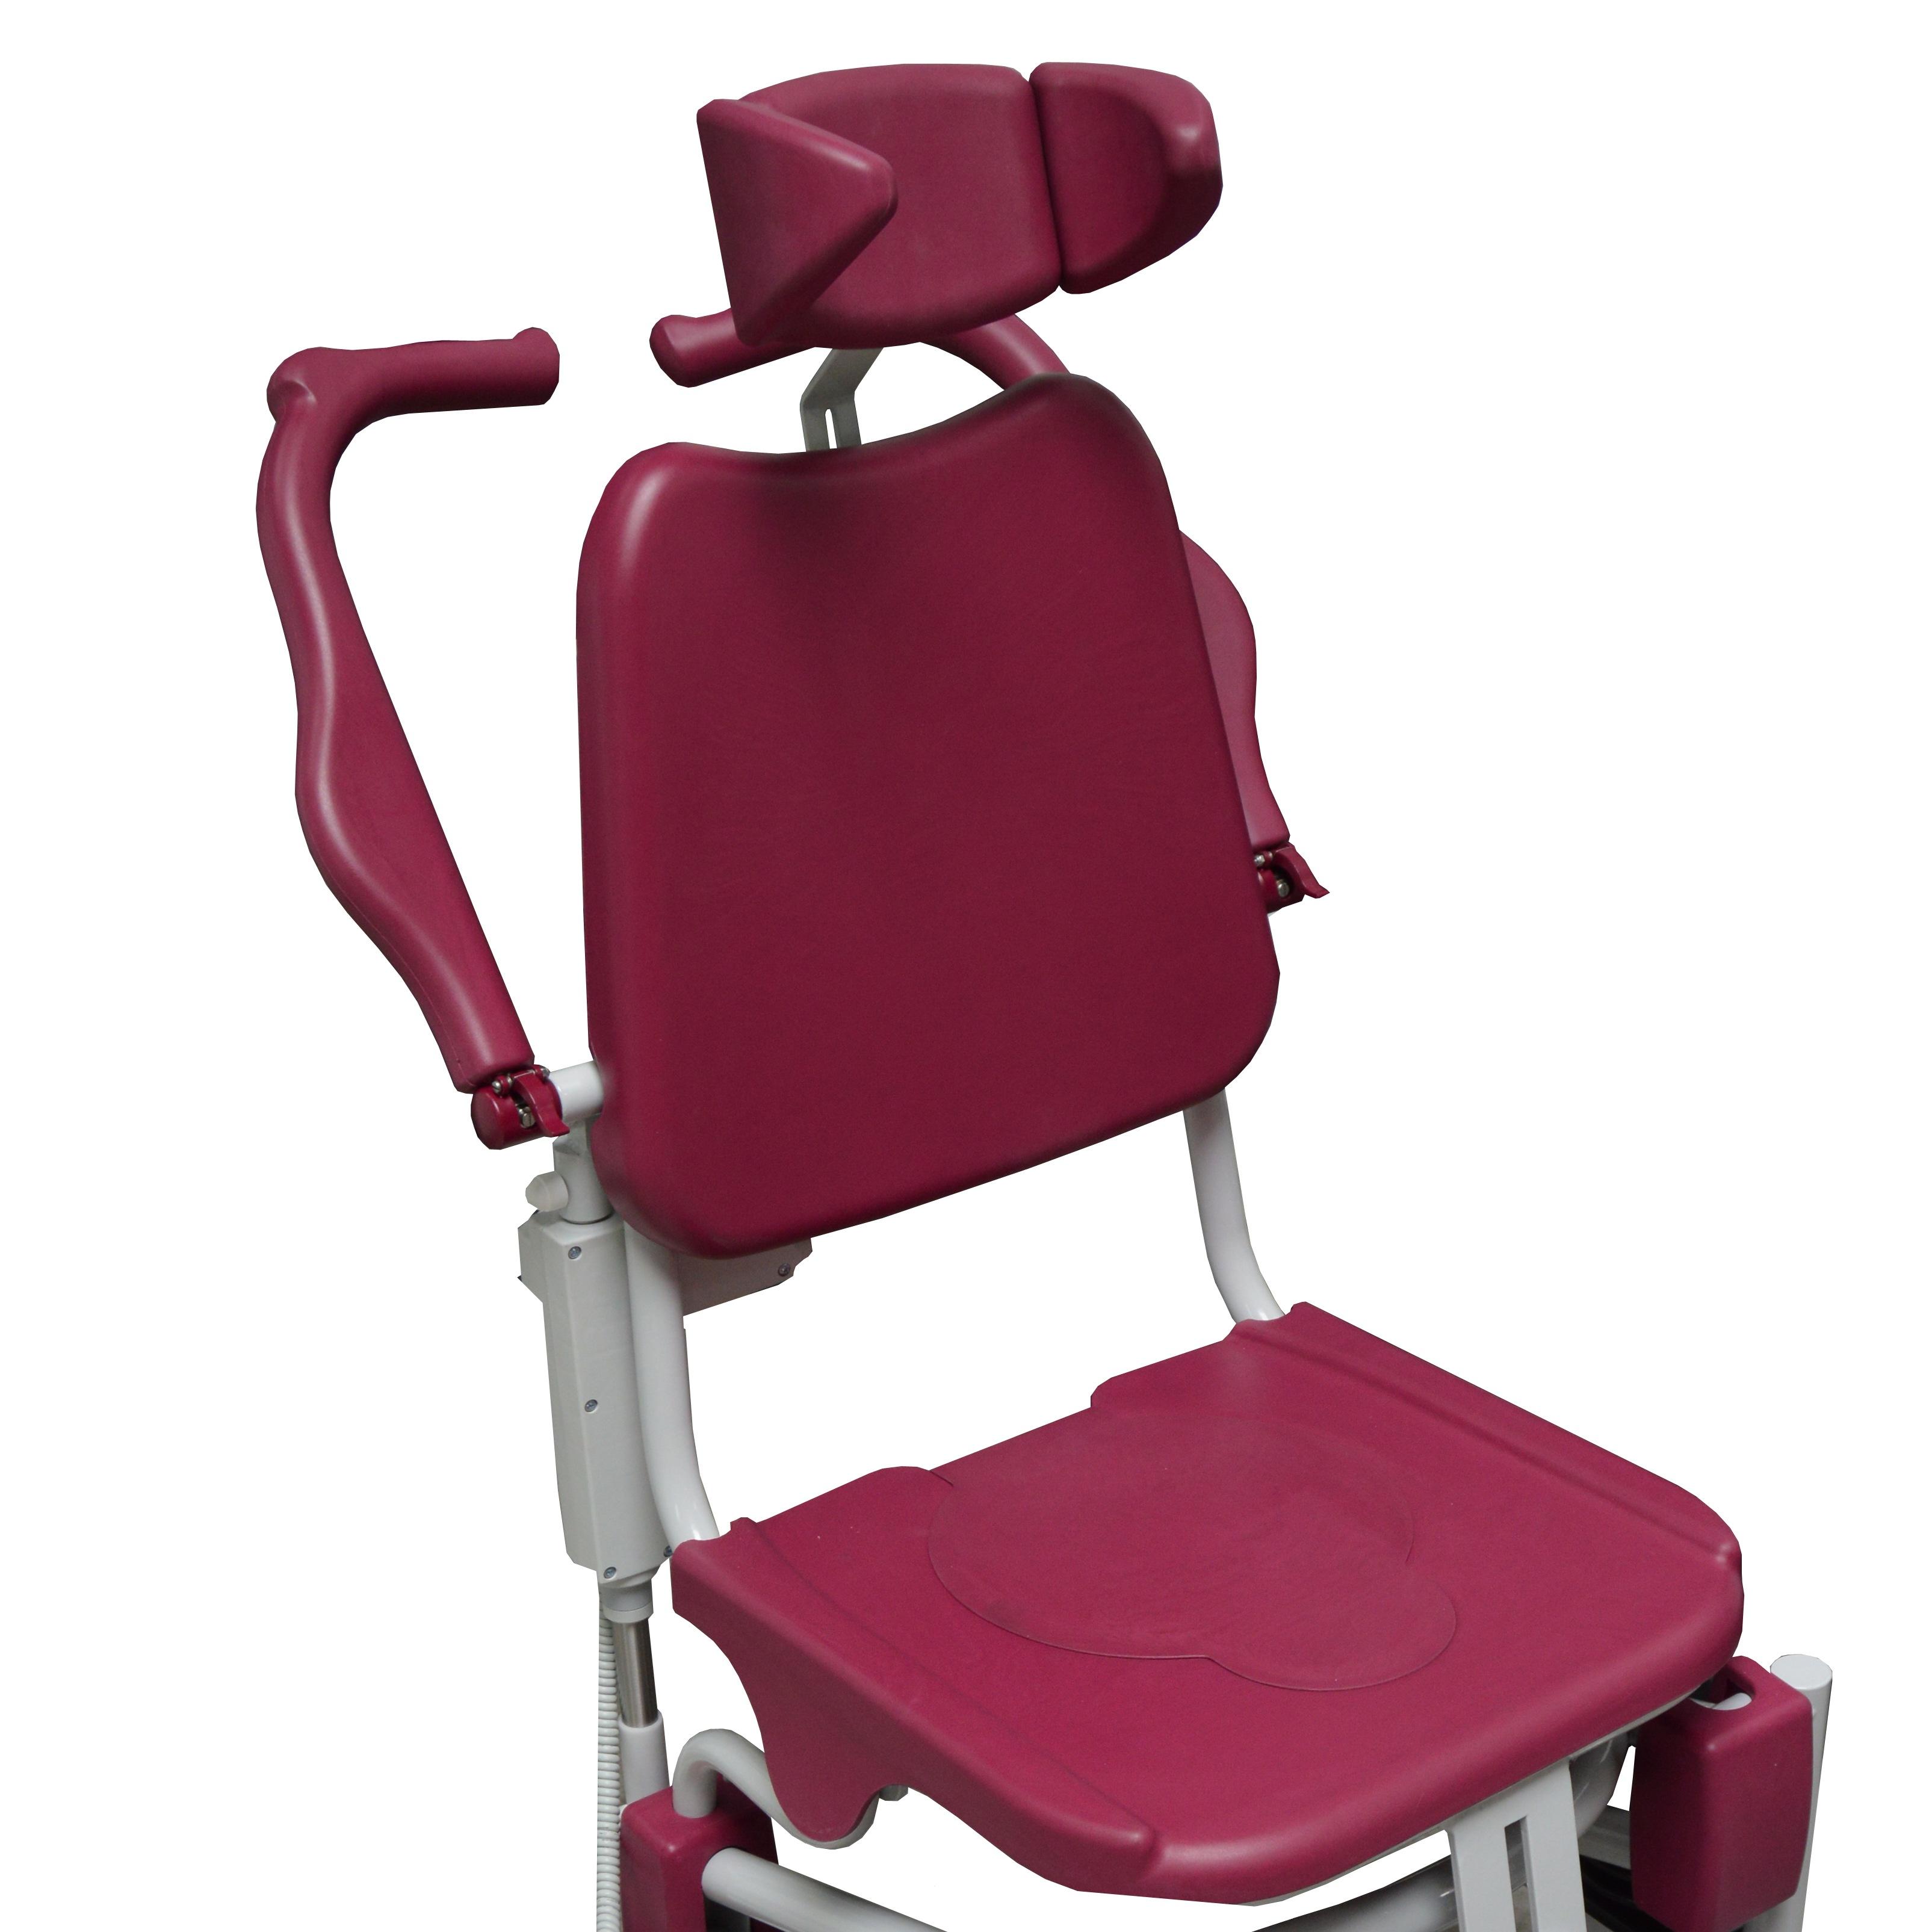 soflex 2 lectrique fauteuil l vateur de douche inclinable hauteur variable lectrique. Black Bedroom Furniture Sets. Home Design Ideas